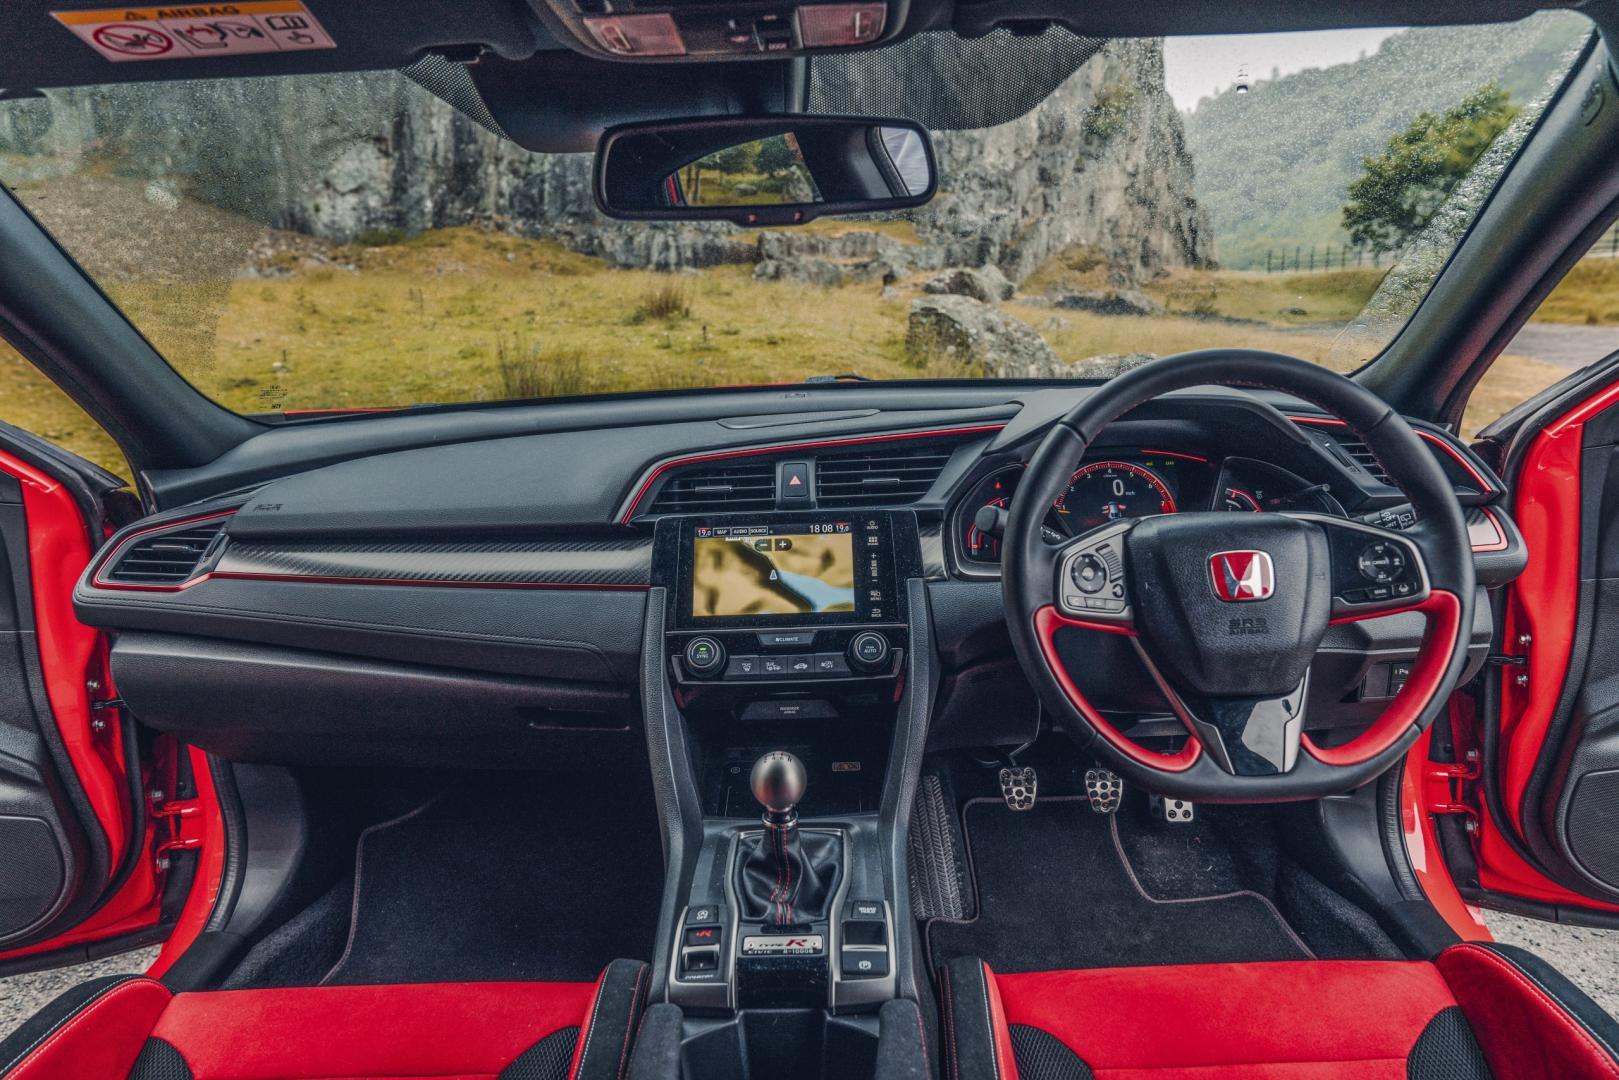 Honda Civic Type R interieur dashboard